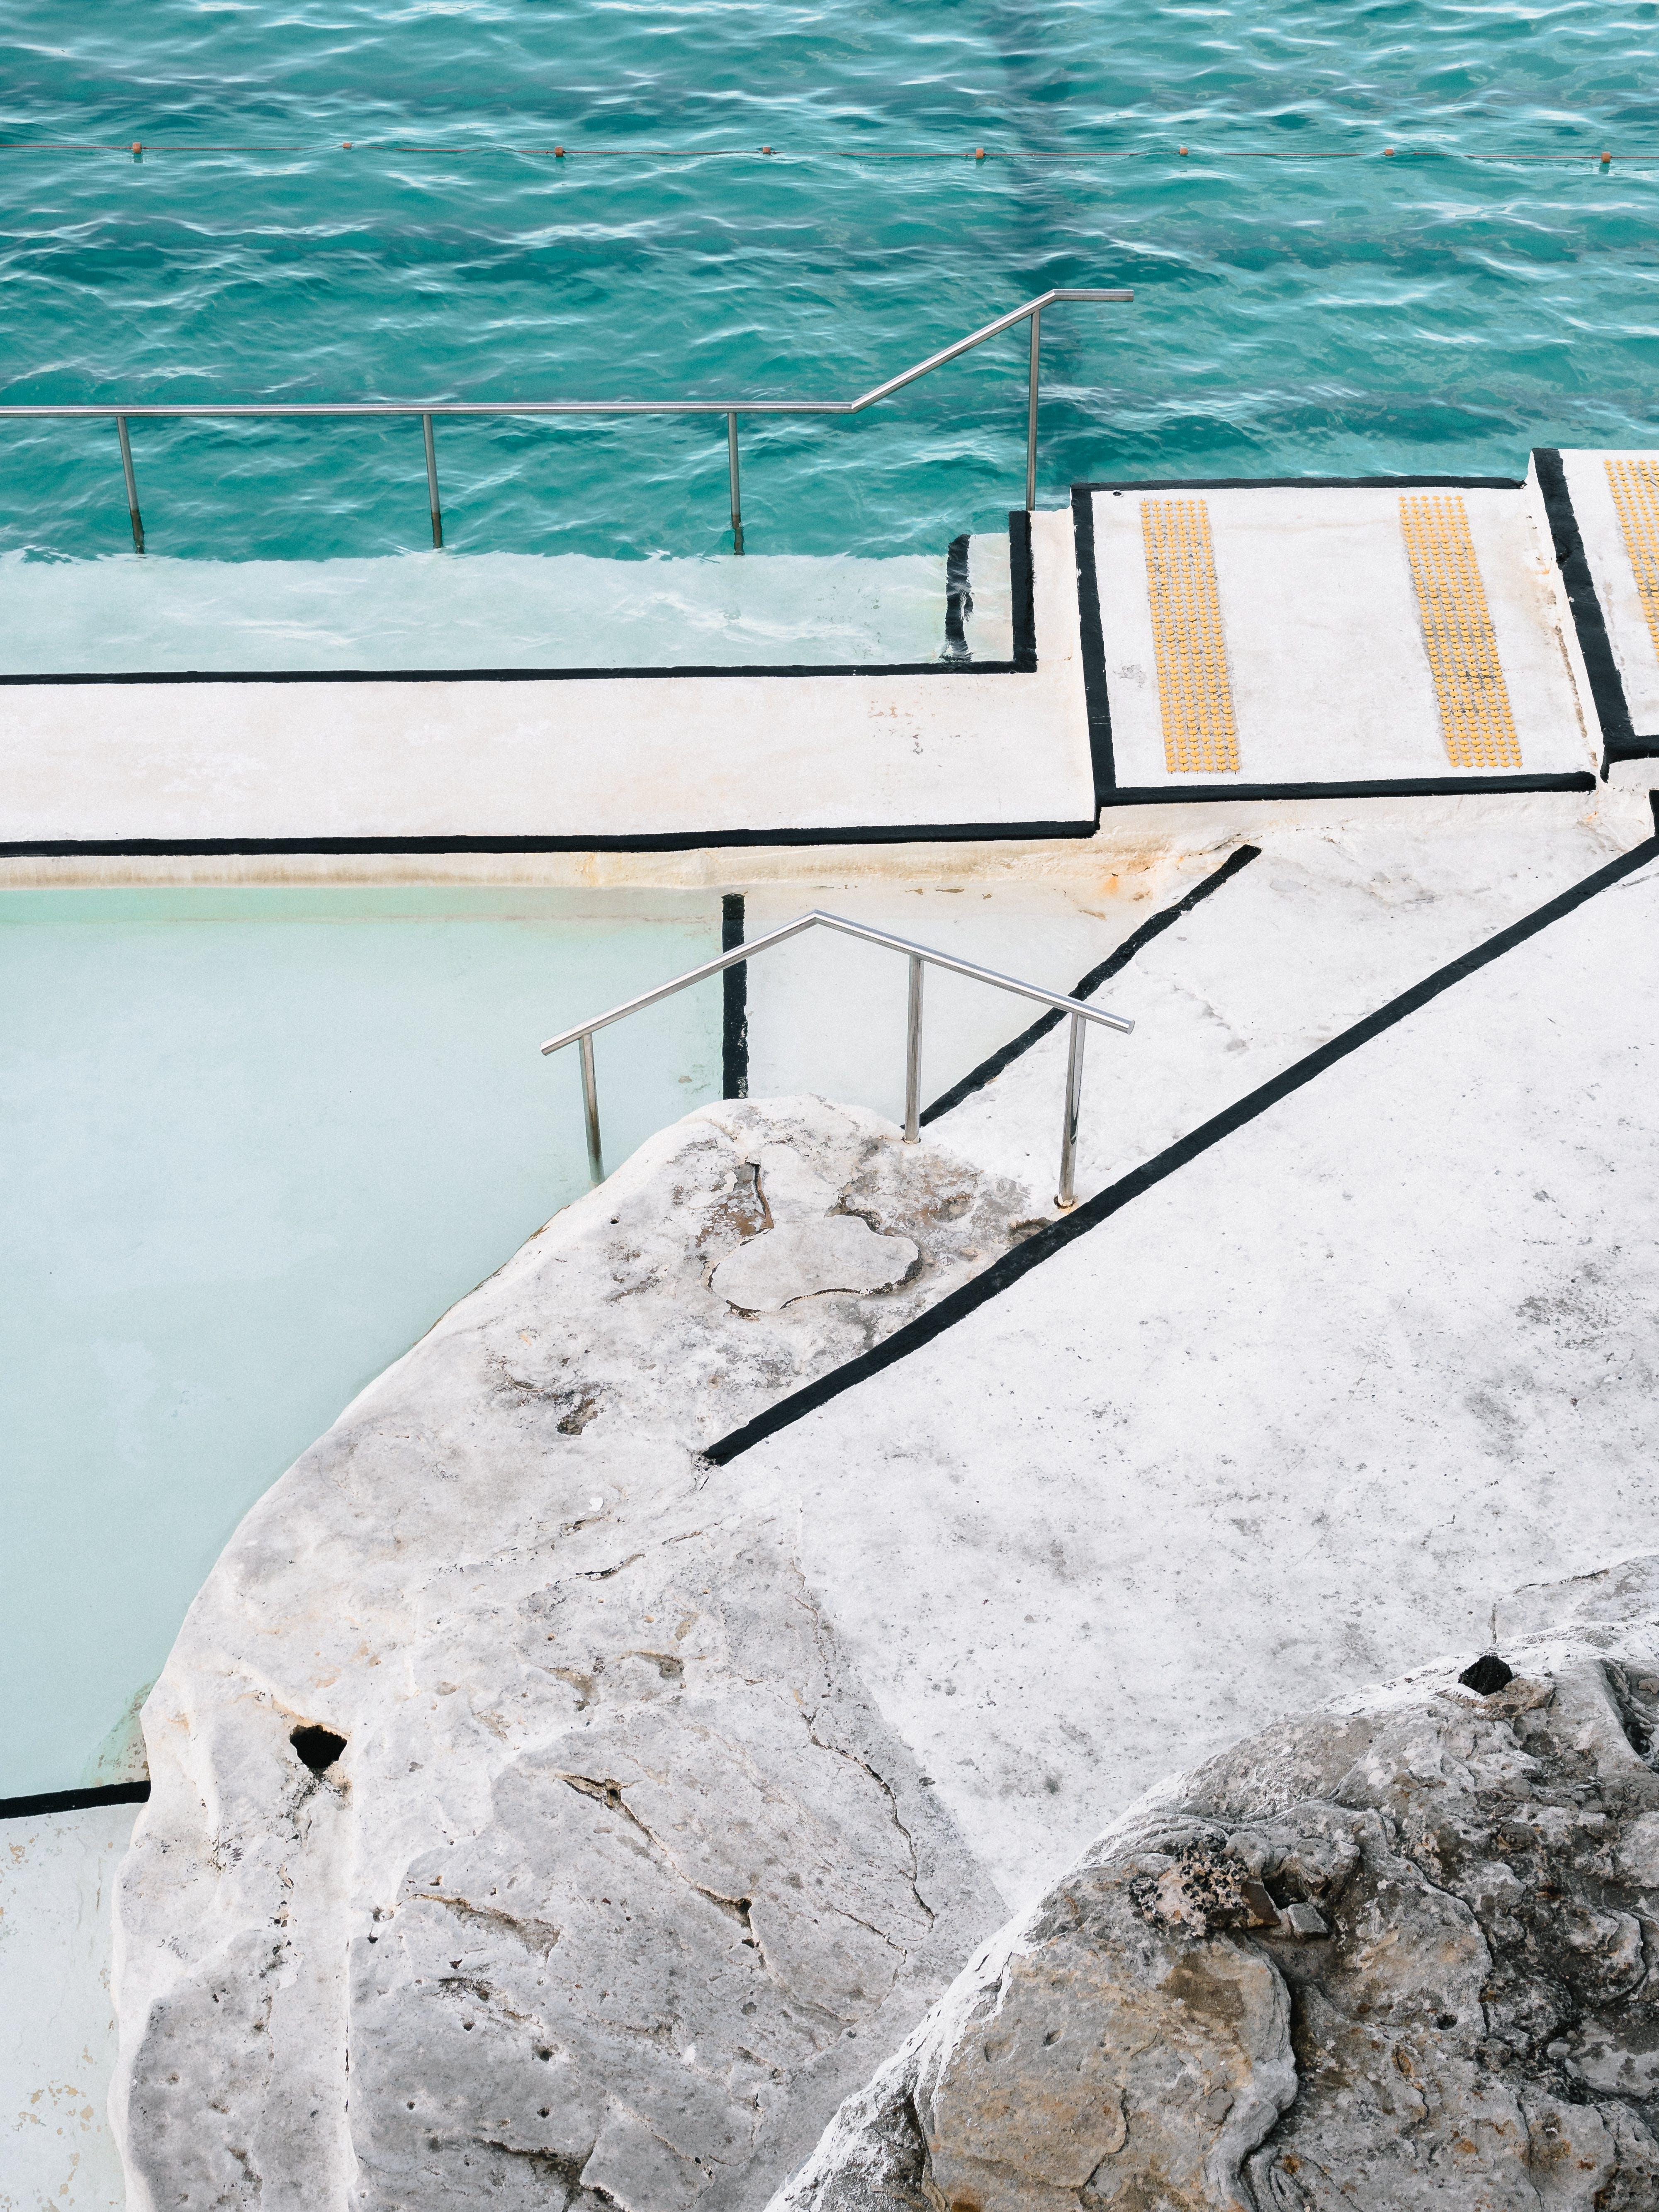 경치, 경치가 좋은, 더그아웃 수영장, 리조트의 무료 스톡 사진